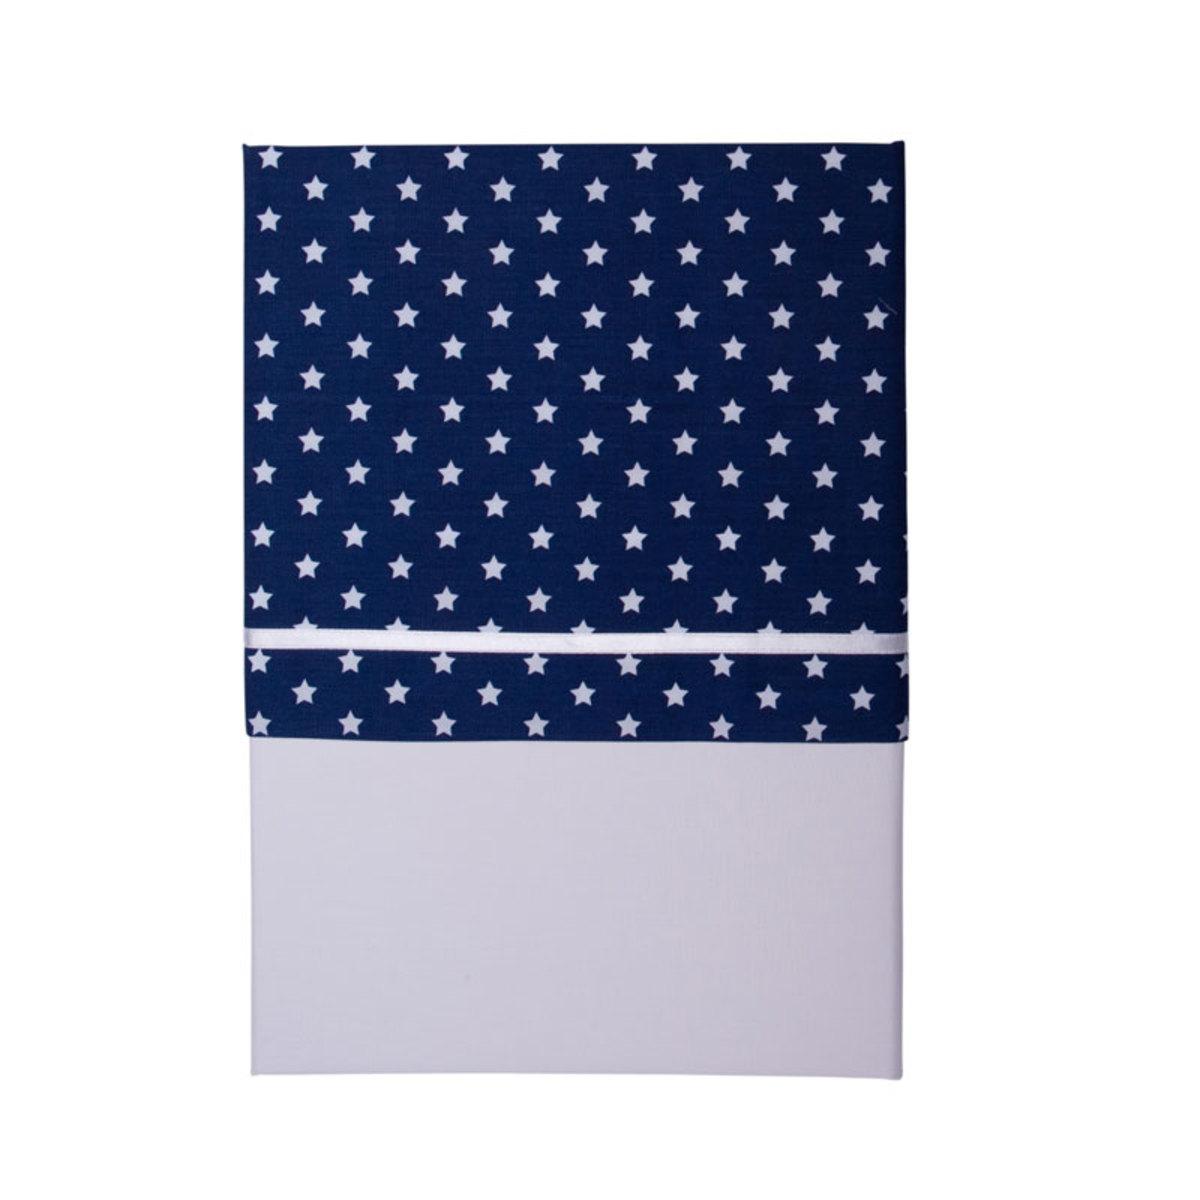 Linge de lit Drap de Lit Etoiles Blanches - Bleu Drap de Lit Etoiles Blanches - Bleu